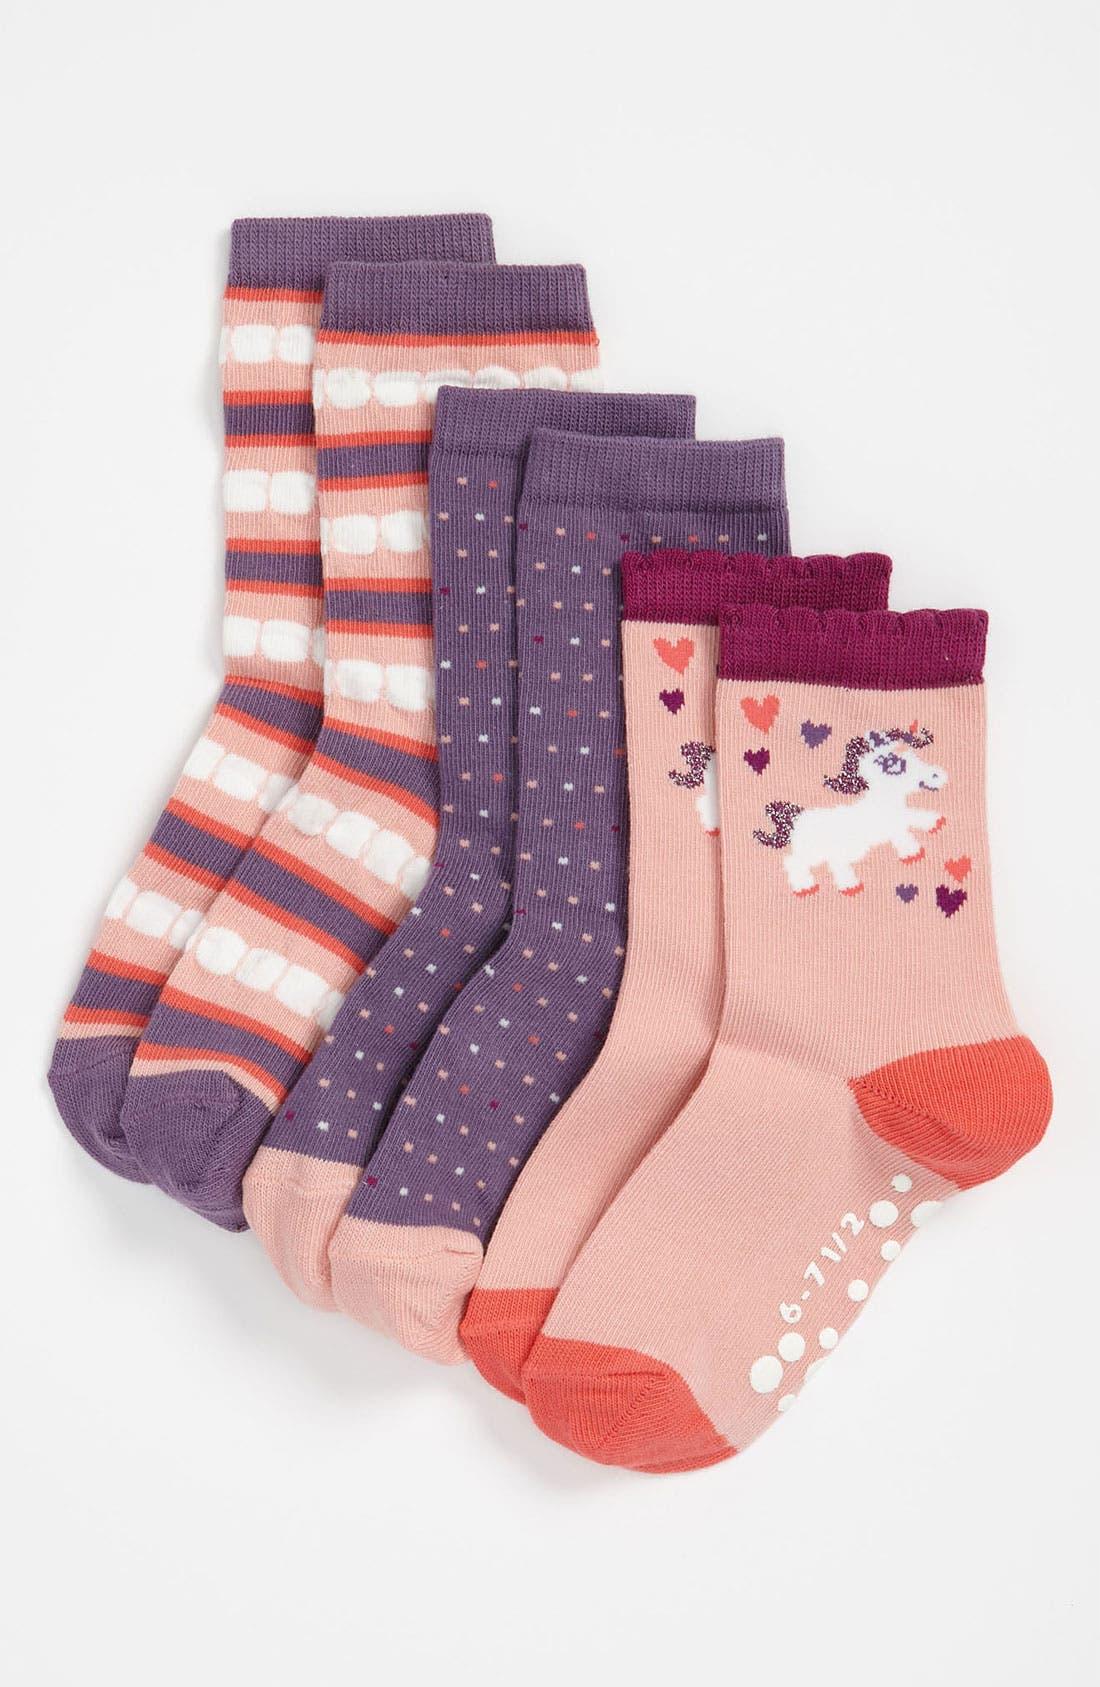 Alternate Image 1 Selected - Nordstrom 'Unicorn' Crew Socks (3-Pack) (Toddler & Little Girls)